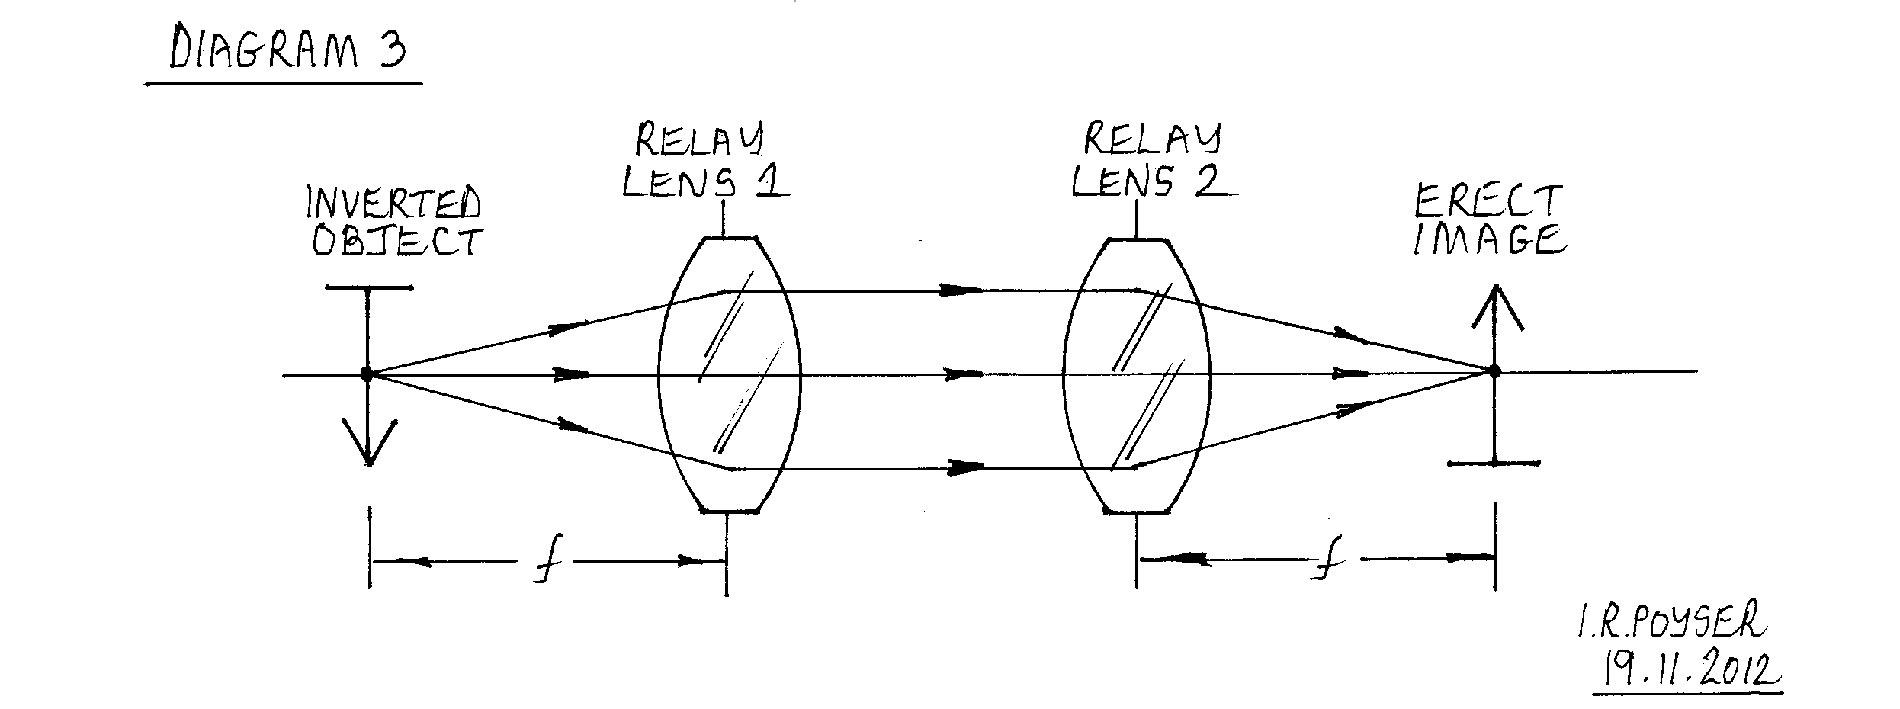 Relay Lens Diagram Wiring Diagrams Simple Auto